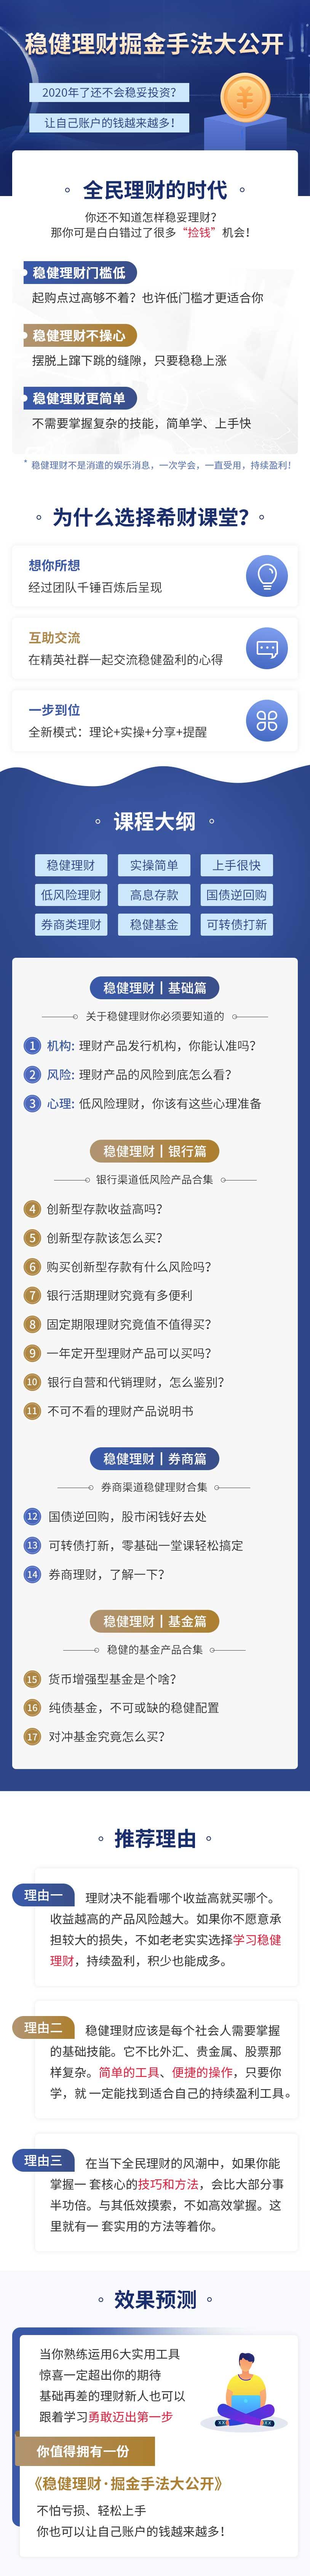 稳健理财掘金手法大公开.jpg